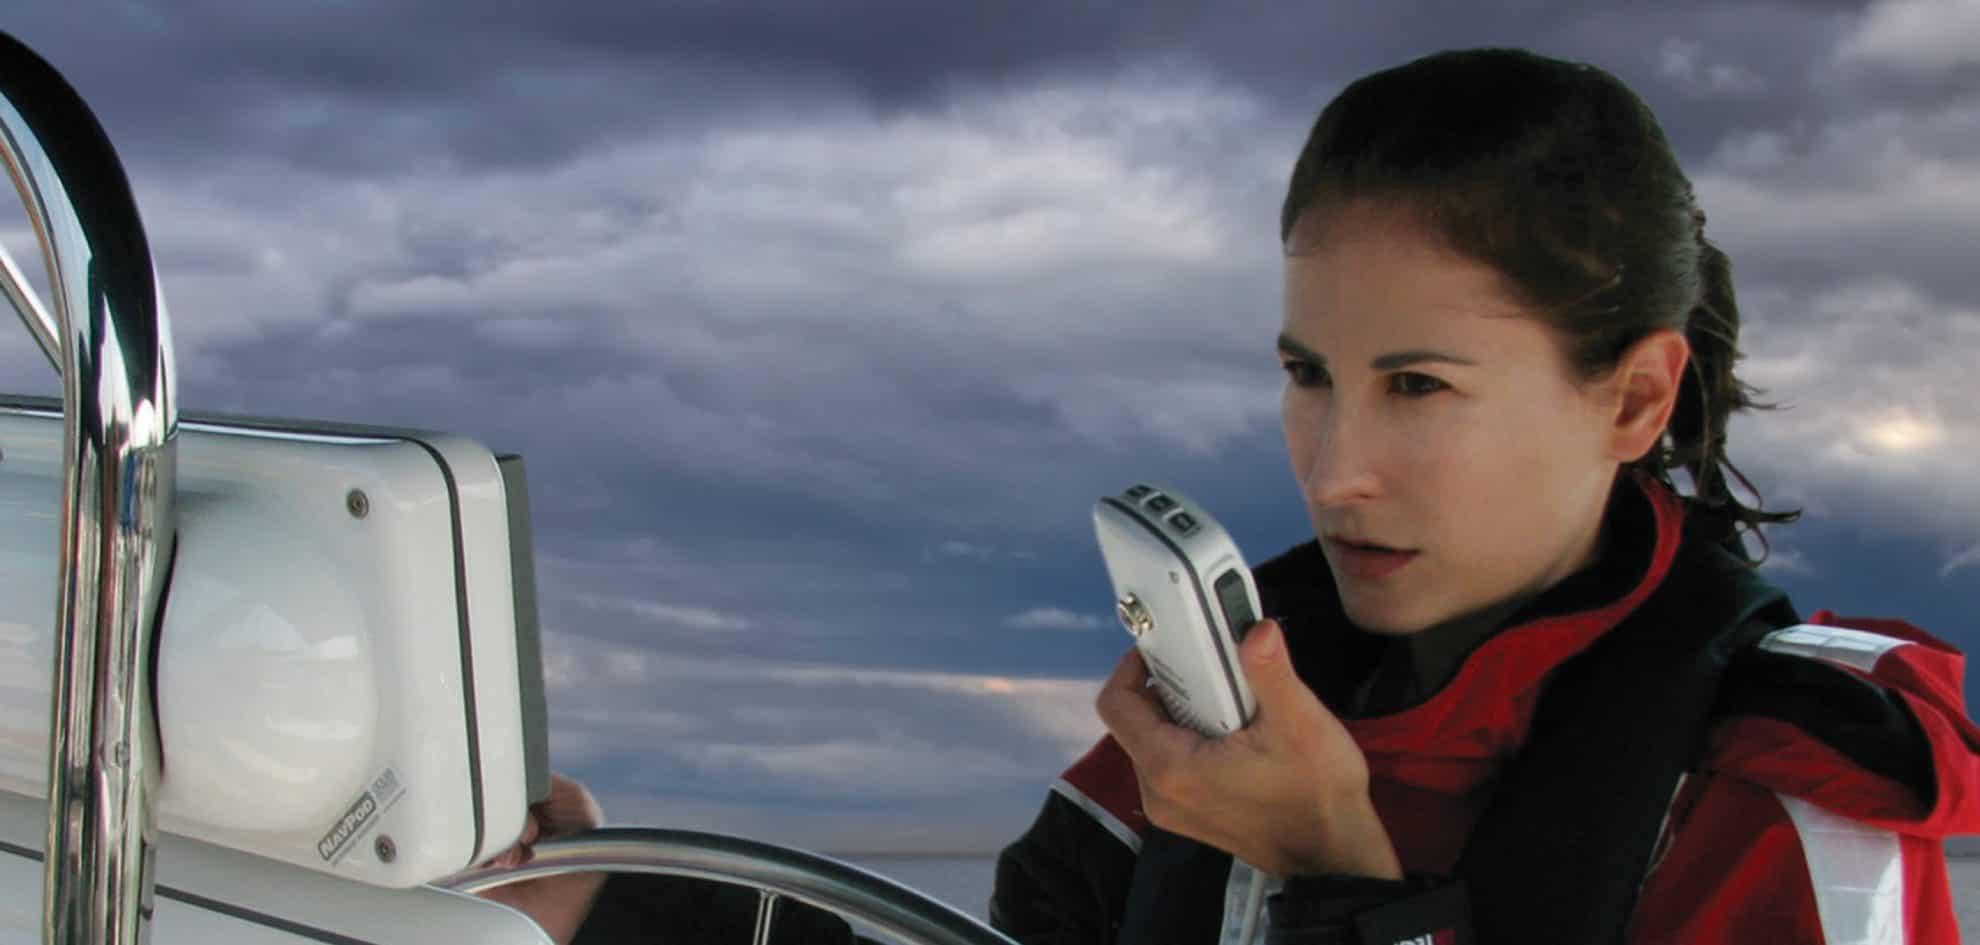 maritime radio and dsc VHF maritime radio course vhf radio